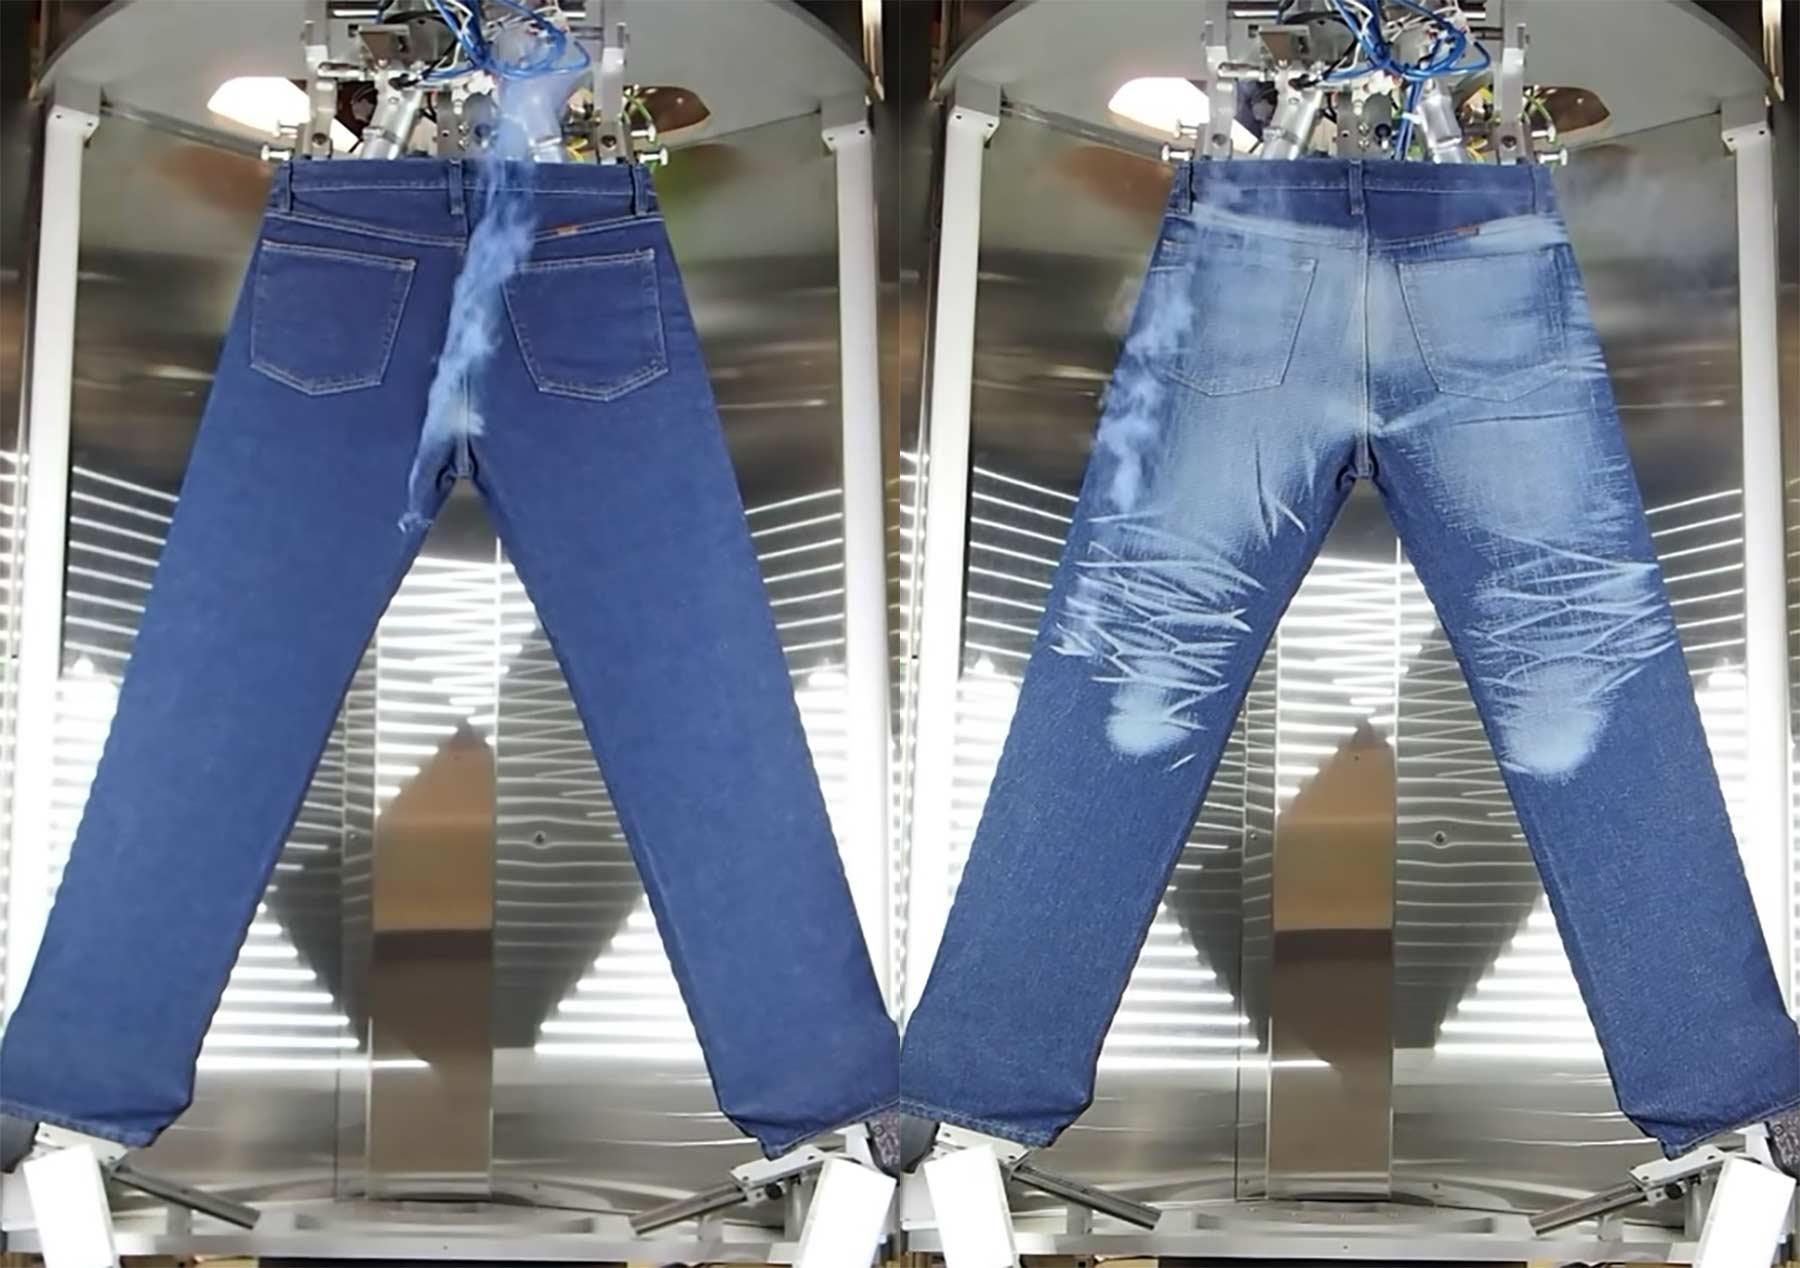 So zaubert ein Laser den Used-Look auf eine neue Jeans